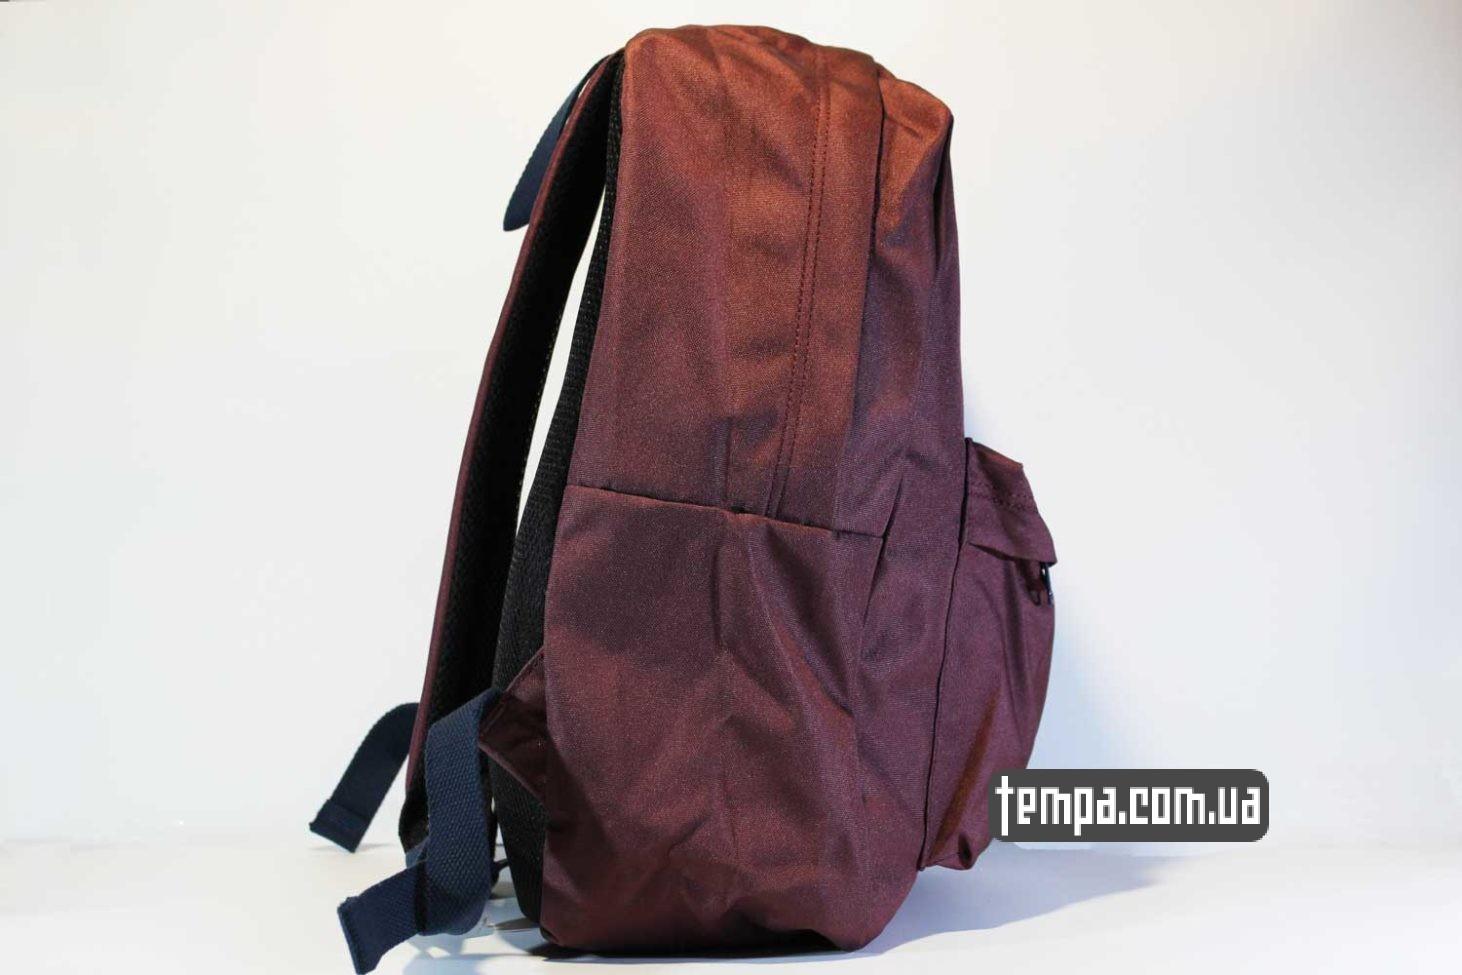 одежда кархартт оригинал рюкзак Carhartt красный бордовый портфель купить Украина